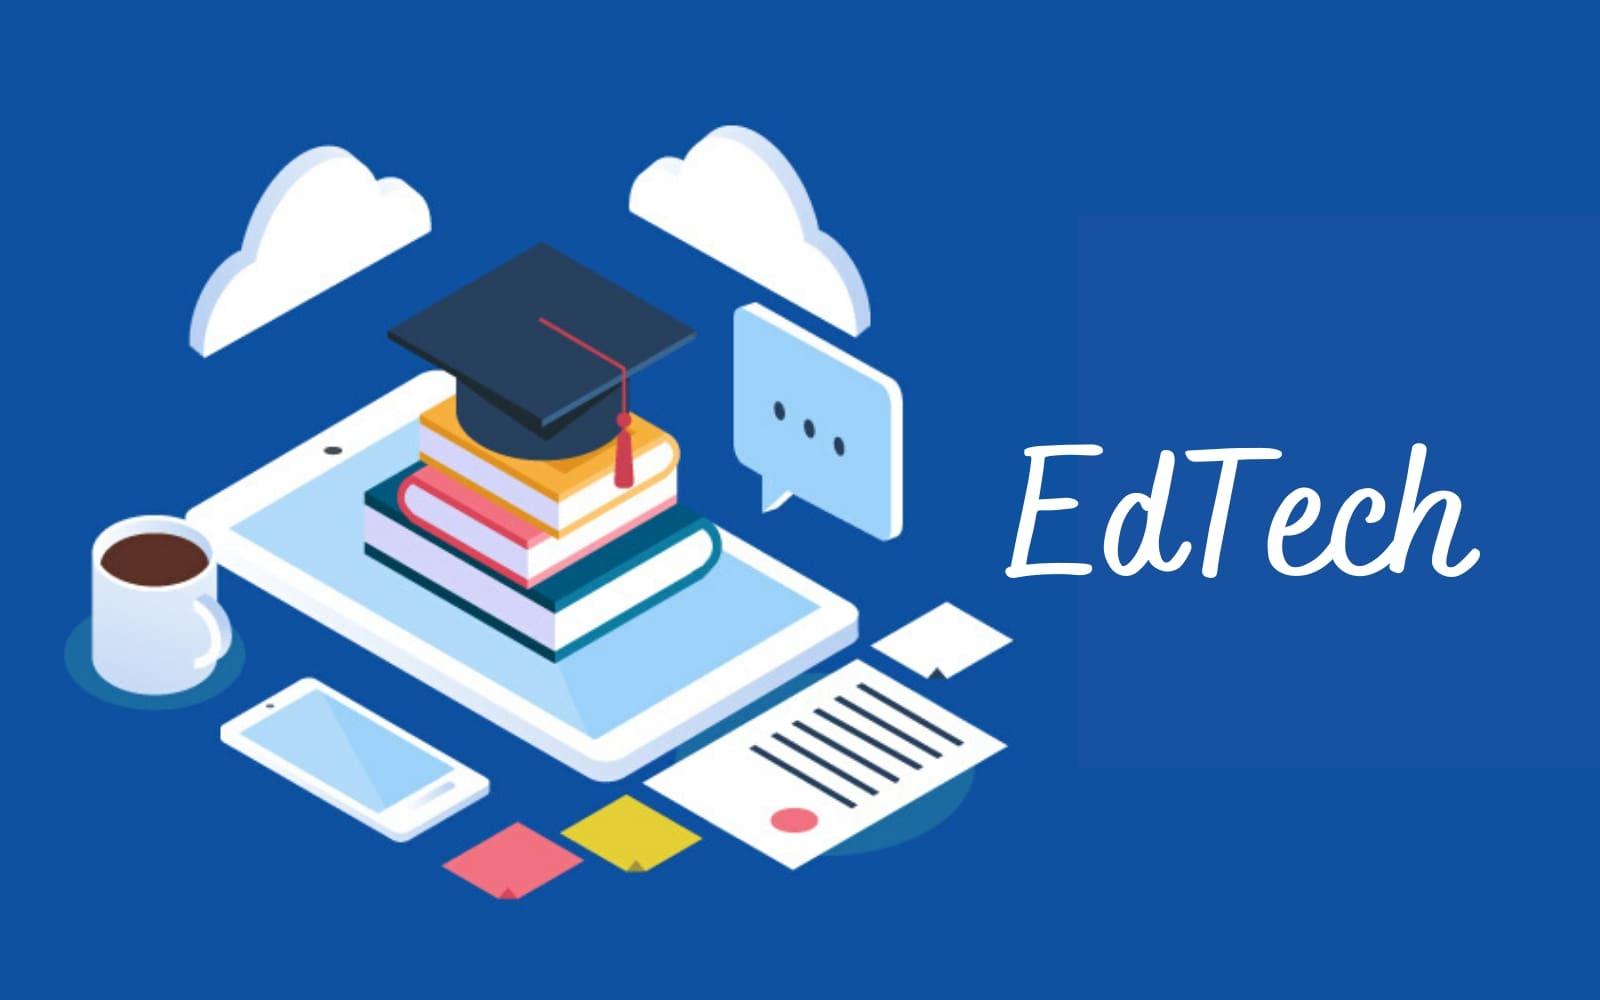 những điều cần biết về edtech